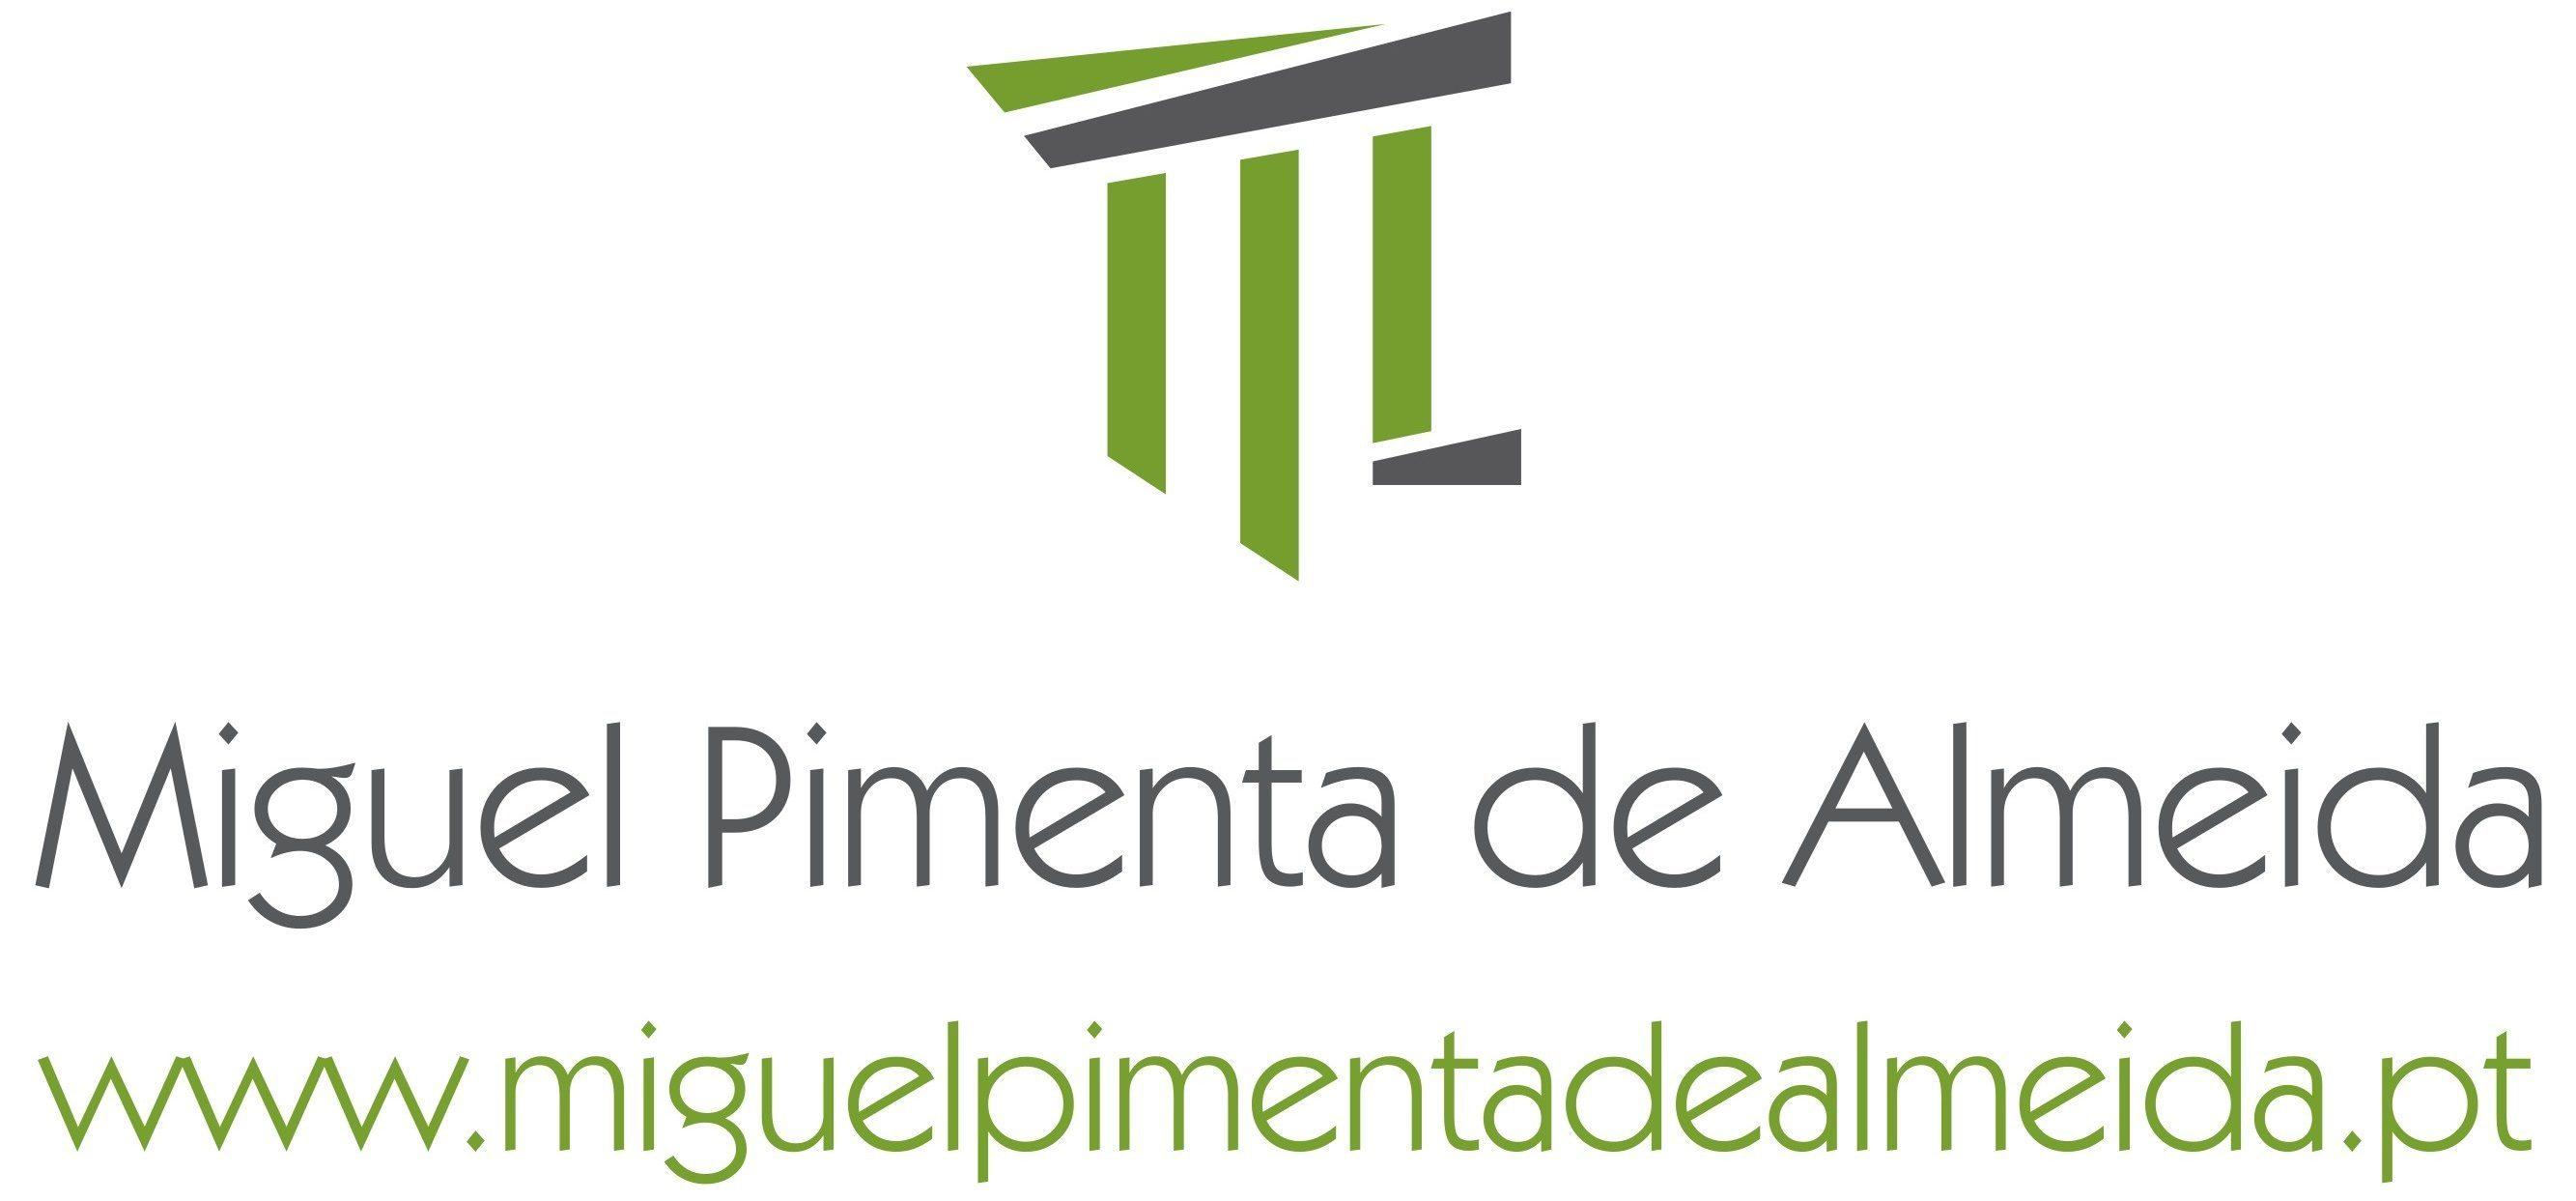 Miguel Pimenta de Almeida